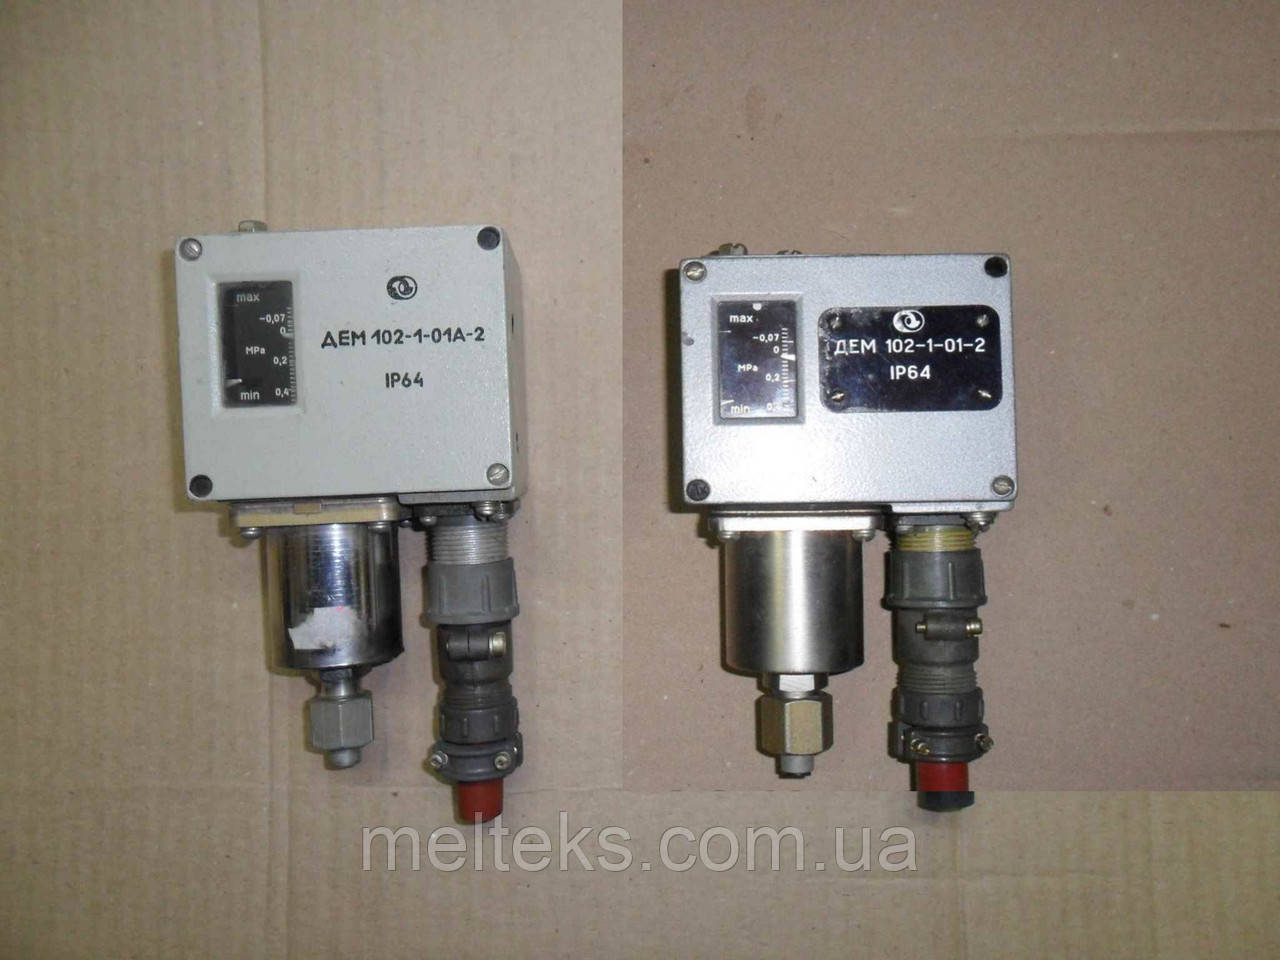 Реле давления ДЕМ 102-1-01-2, ДЕМ 102-1-01А-2, ДЕМ 102-2-01-2